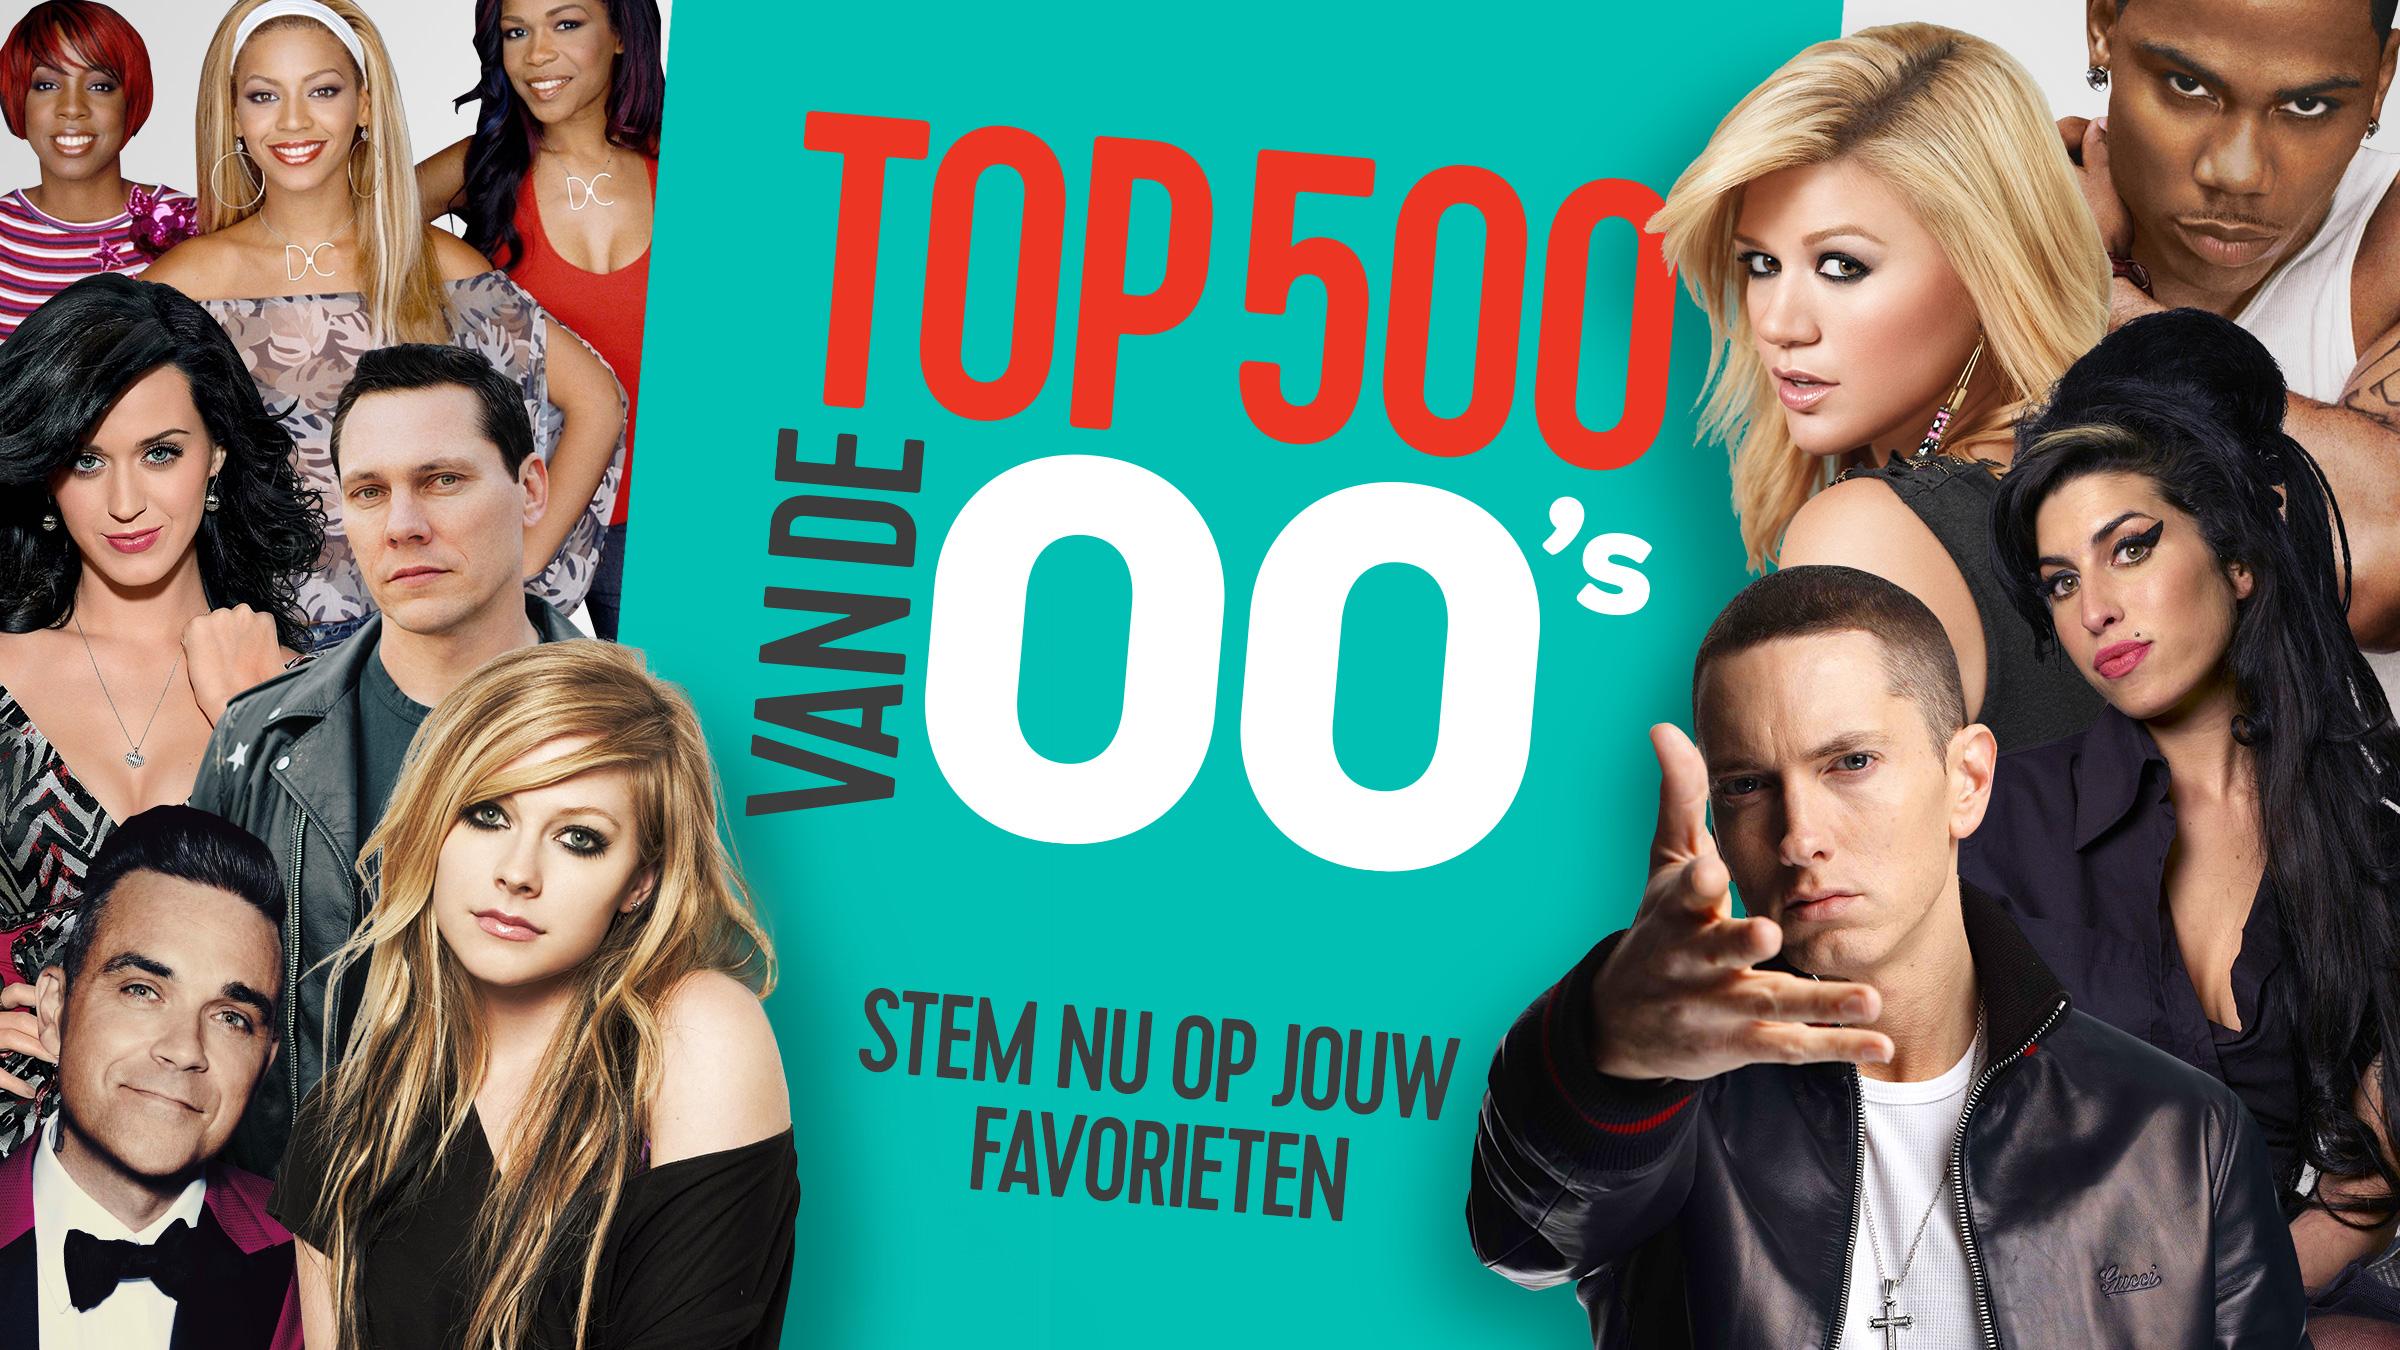 Qmusic teaser top500 00s v1